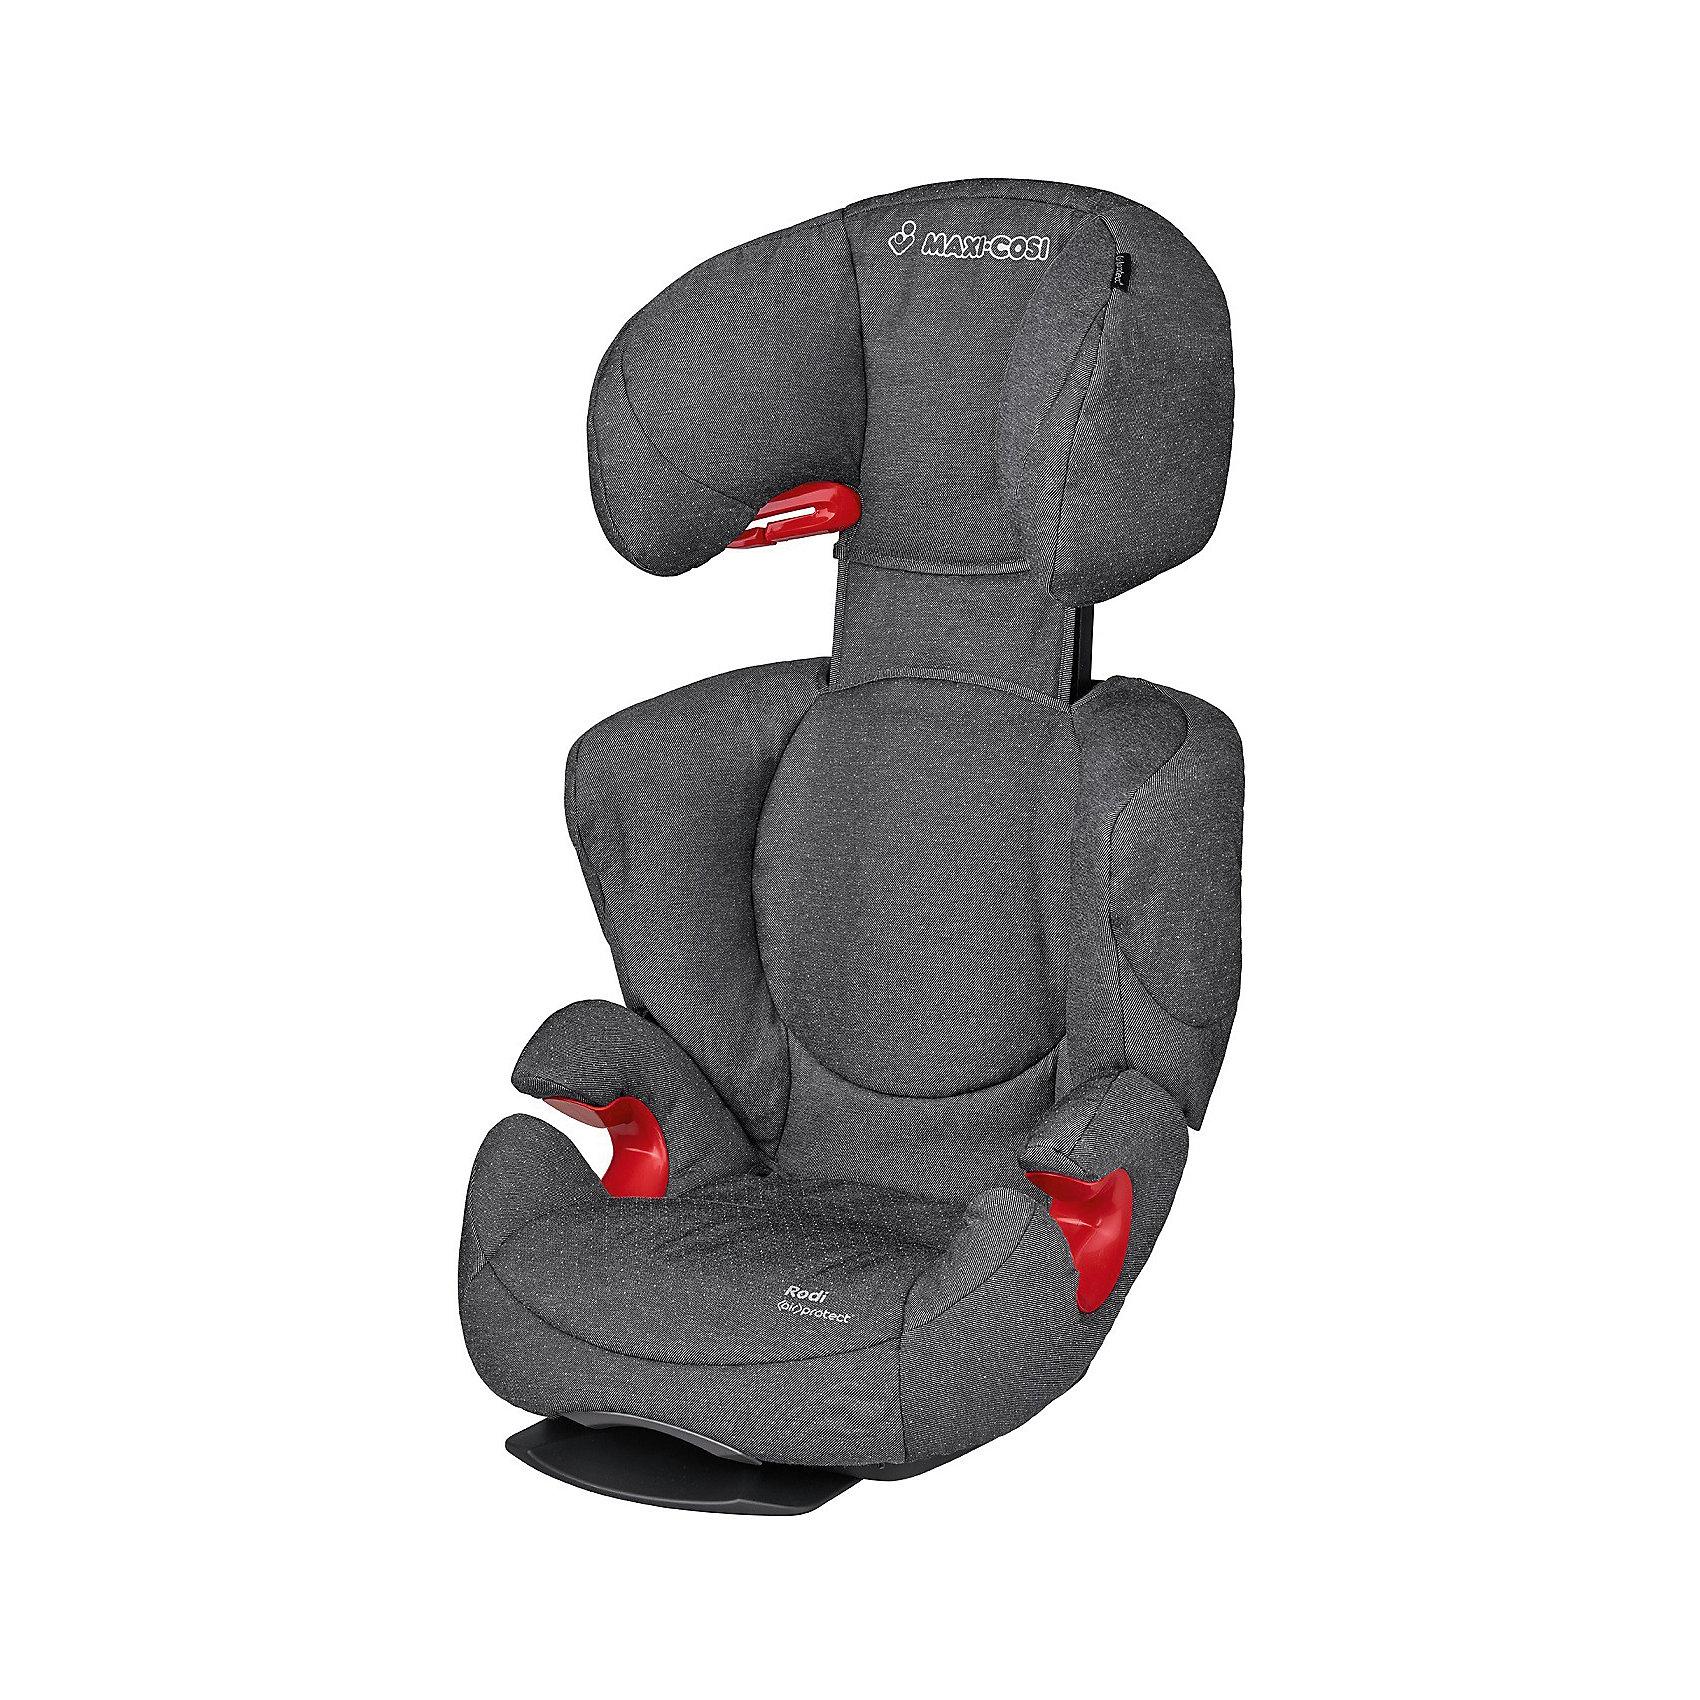 Автокресло Rodi AirProtect 15-36 кг., Maxi-Cosi, Sparkling GreyАвтокресло разработанное специально для детей от 3,5 до 12 лет, оно устанавливается по ходу движения и пристегивается трех точечным ремнем безопасности.<br>Кресло имеет дополнительные вставки в подголовнике, обеспечивающие еще большую безопасность. Подголовник имеет 8 фиксируемых положений, высота спинки увеличивается до 16 см. <br><br>Дополнительная информация:<br><br>- Возраст: от 3,5 до 12 лет. ( от 15 до 36 кг.)<br>- Цвет: Sparkling Grey.<br>- Материал: пластмасса, текстиль.<br>- Размер: 80x42x47 см.<br>- Вес в упаковке: 5 кг.<br><br>Купить автокресло Rodi AirProtect (15-36 кг.) в цвете Sparkling Grey, можно в нашем магазине.<br><br>Ширина мм: 490<br>Глубина мм: 635<br>Высота мм: 510<br>Вес г: 4900<br>Возраст от месяцев: 42<br>Возраст до месяцев: 144<br>Пол: Унисекс<br>Возраст: Детский<br>SKU: 4975105